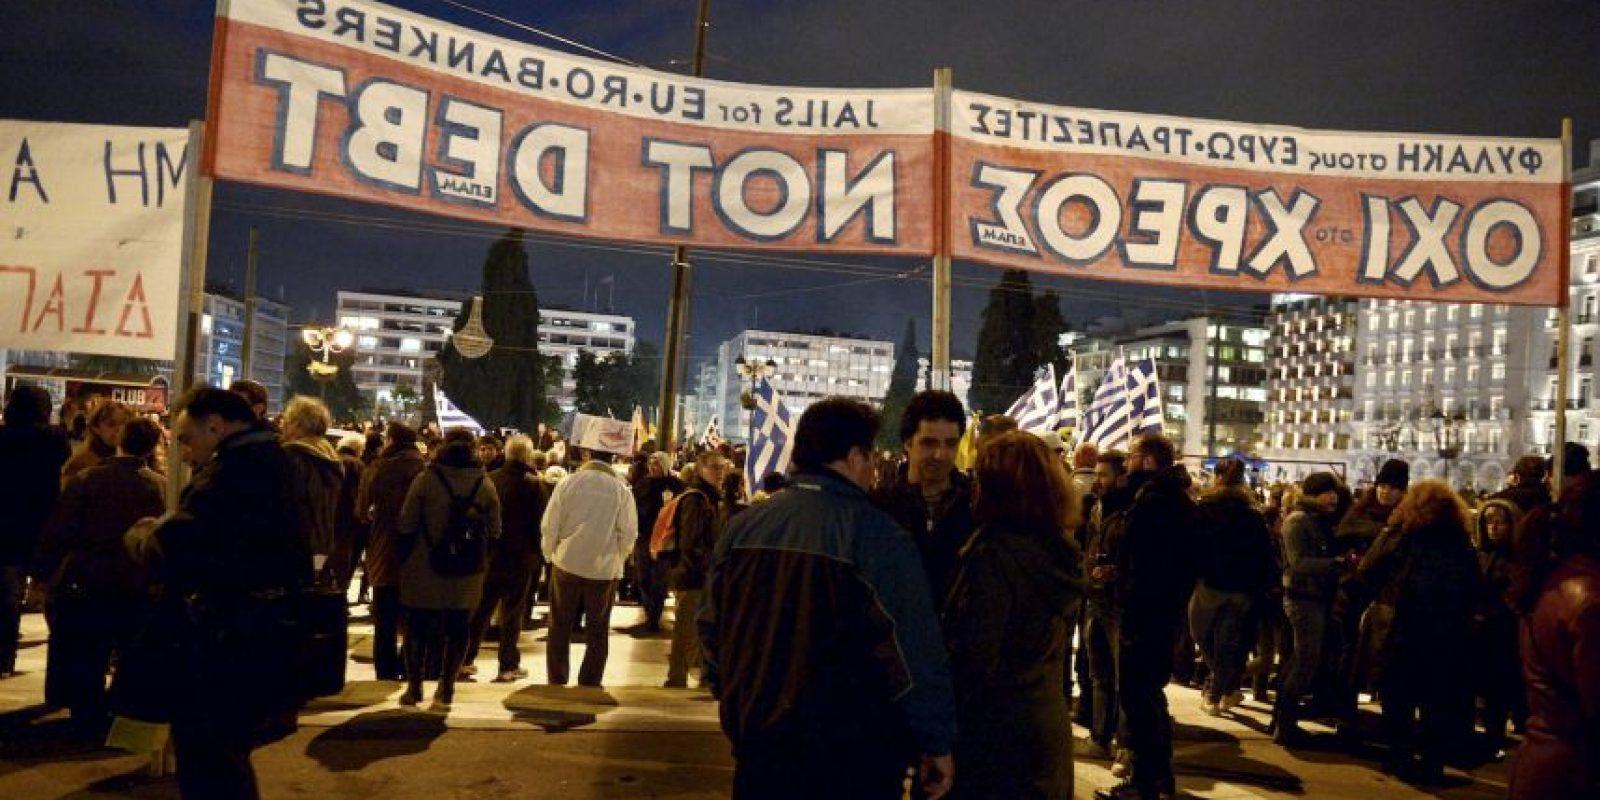 4. La petición es un intento del nuevo Gobierno de tener una línea financiera y evitar las condiciones de austeridad del Fondo Monetario y de la Unión Europea. Foto:AFP